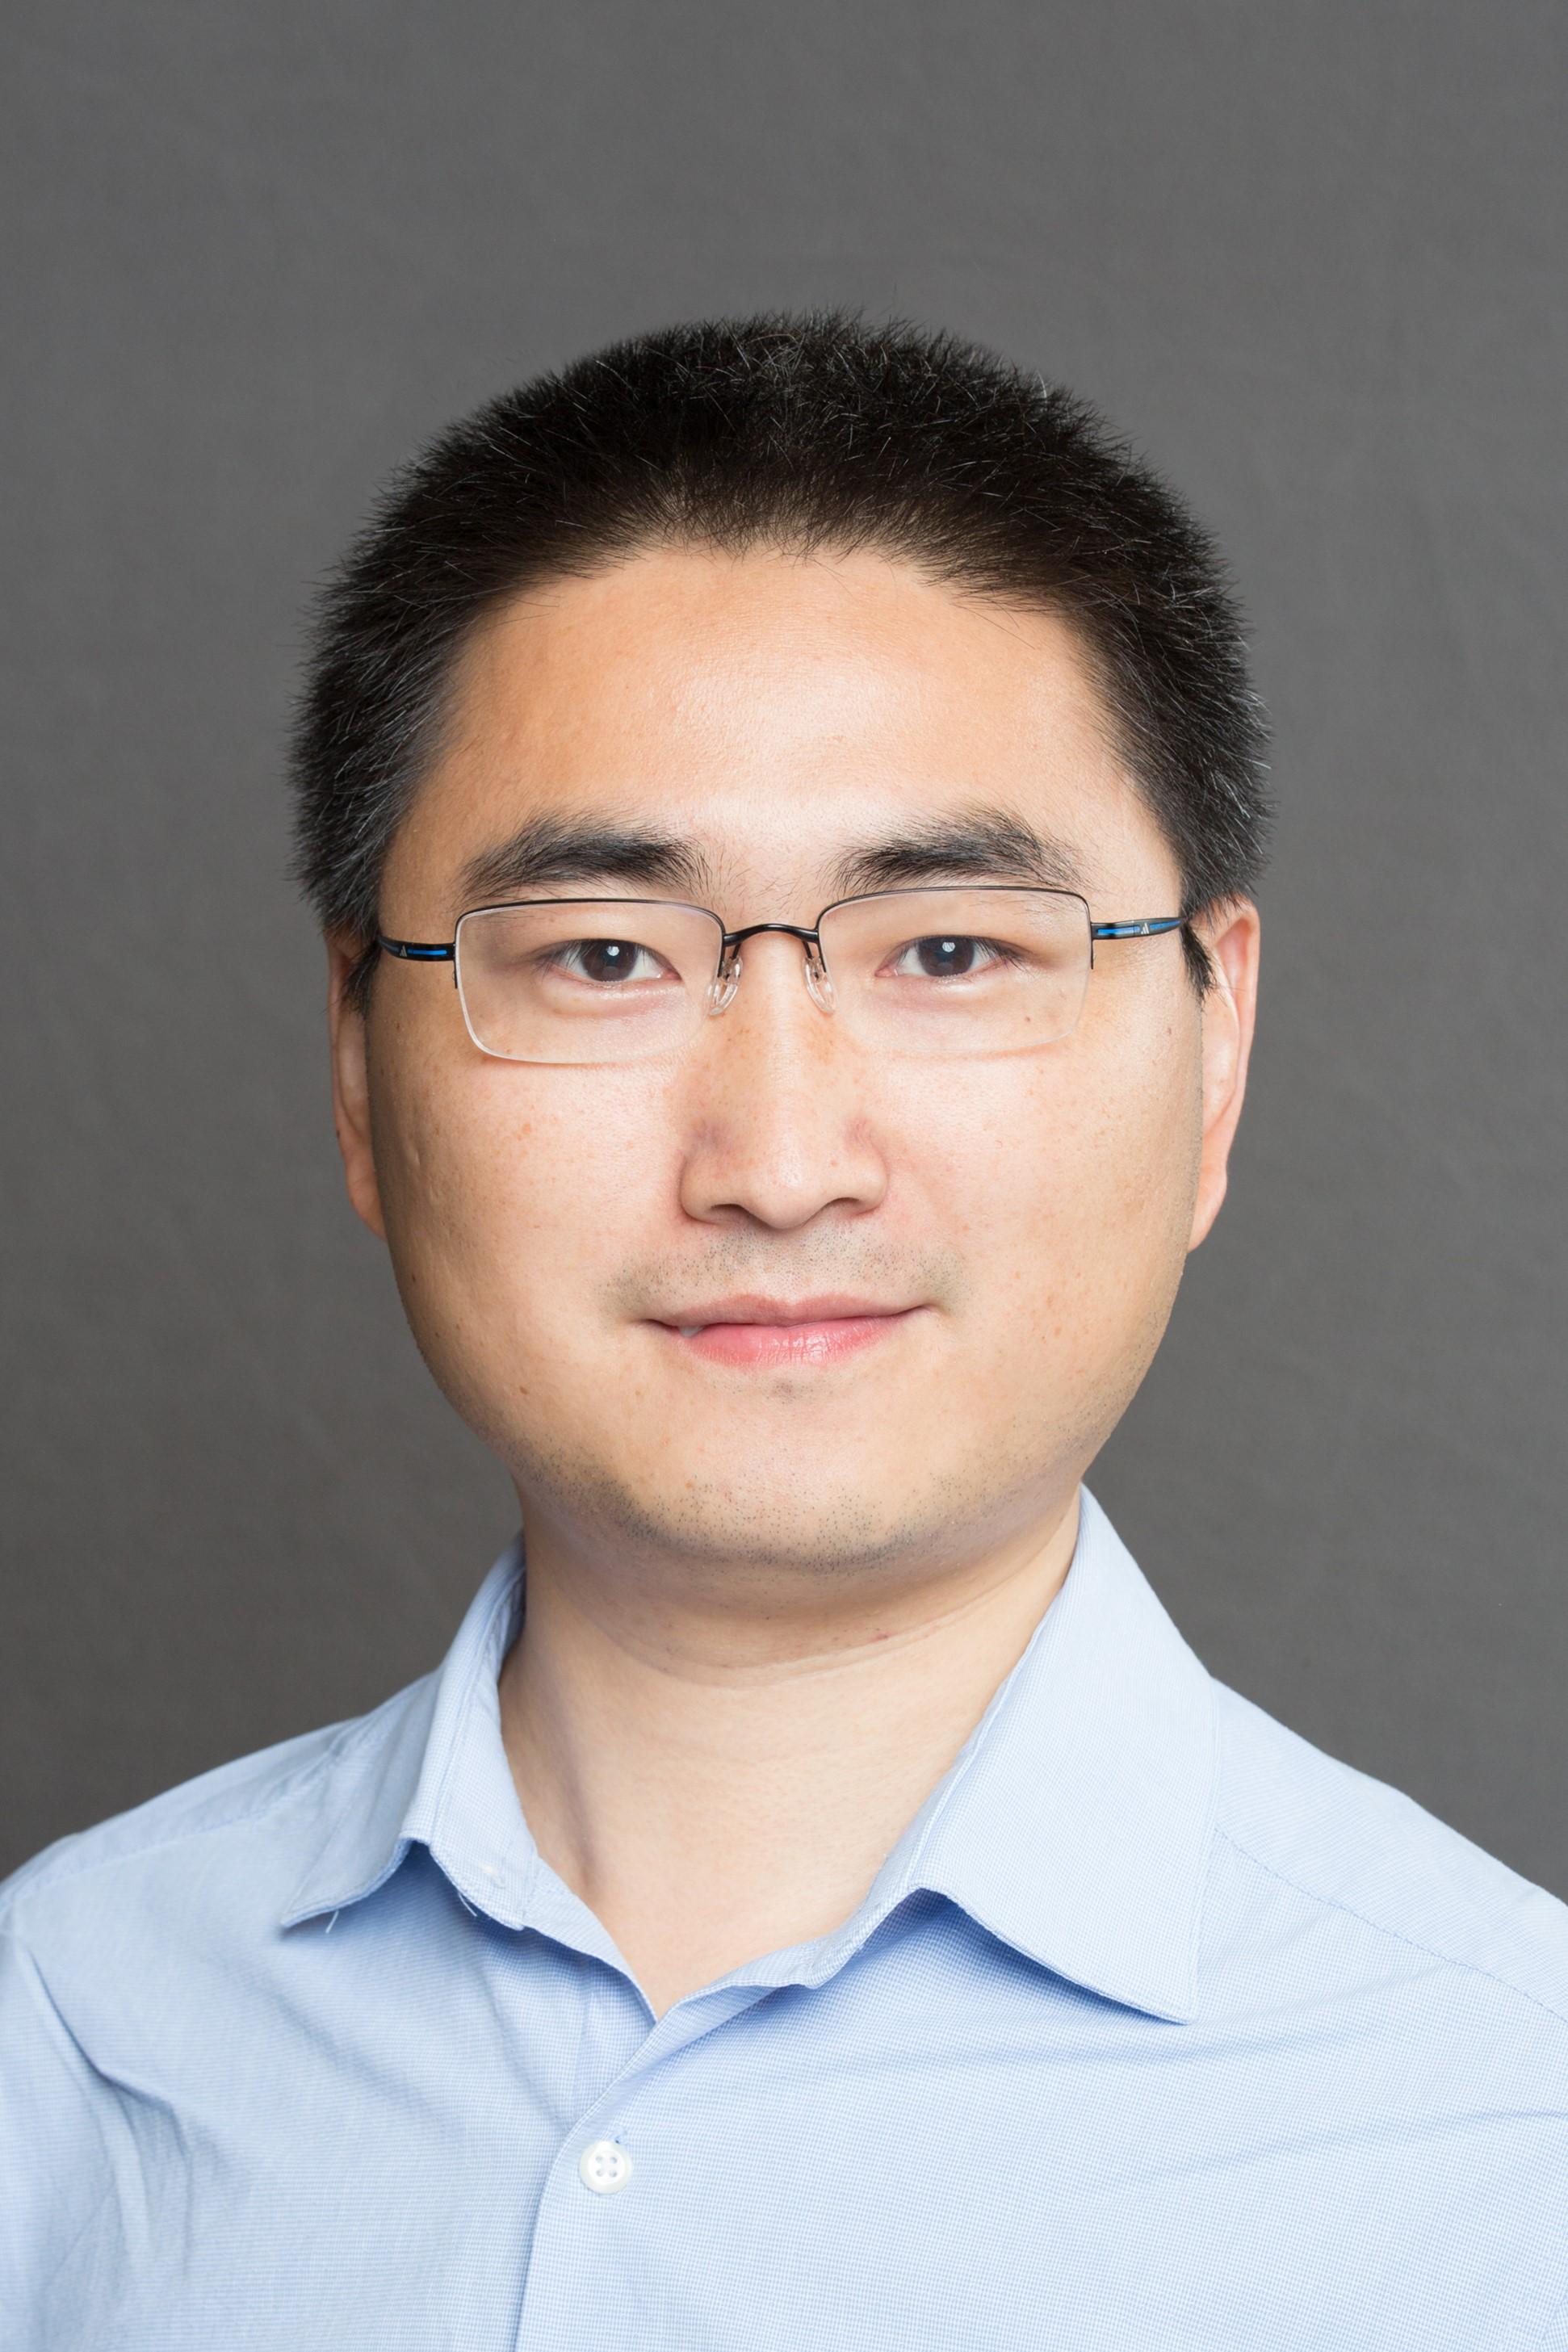 Dr. Jun Liu